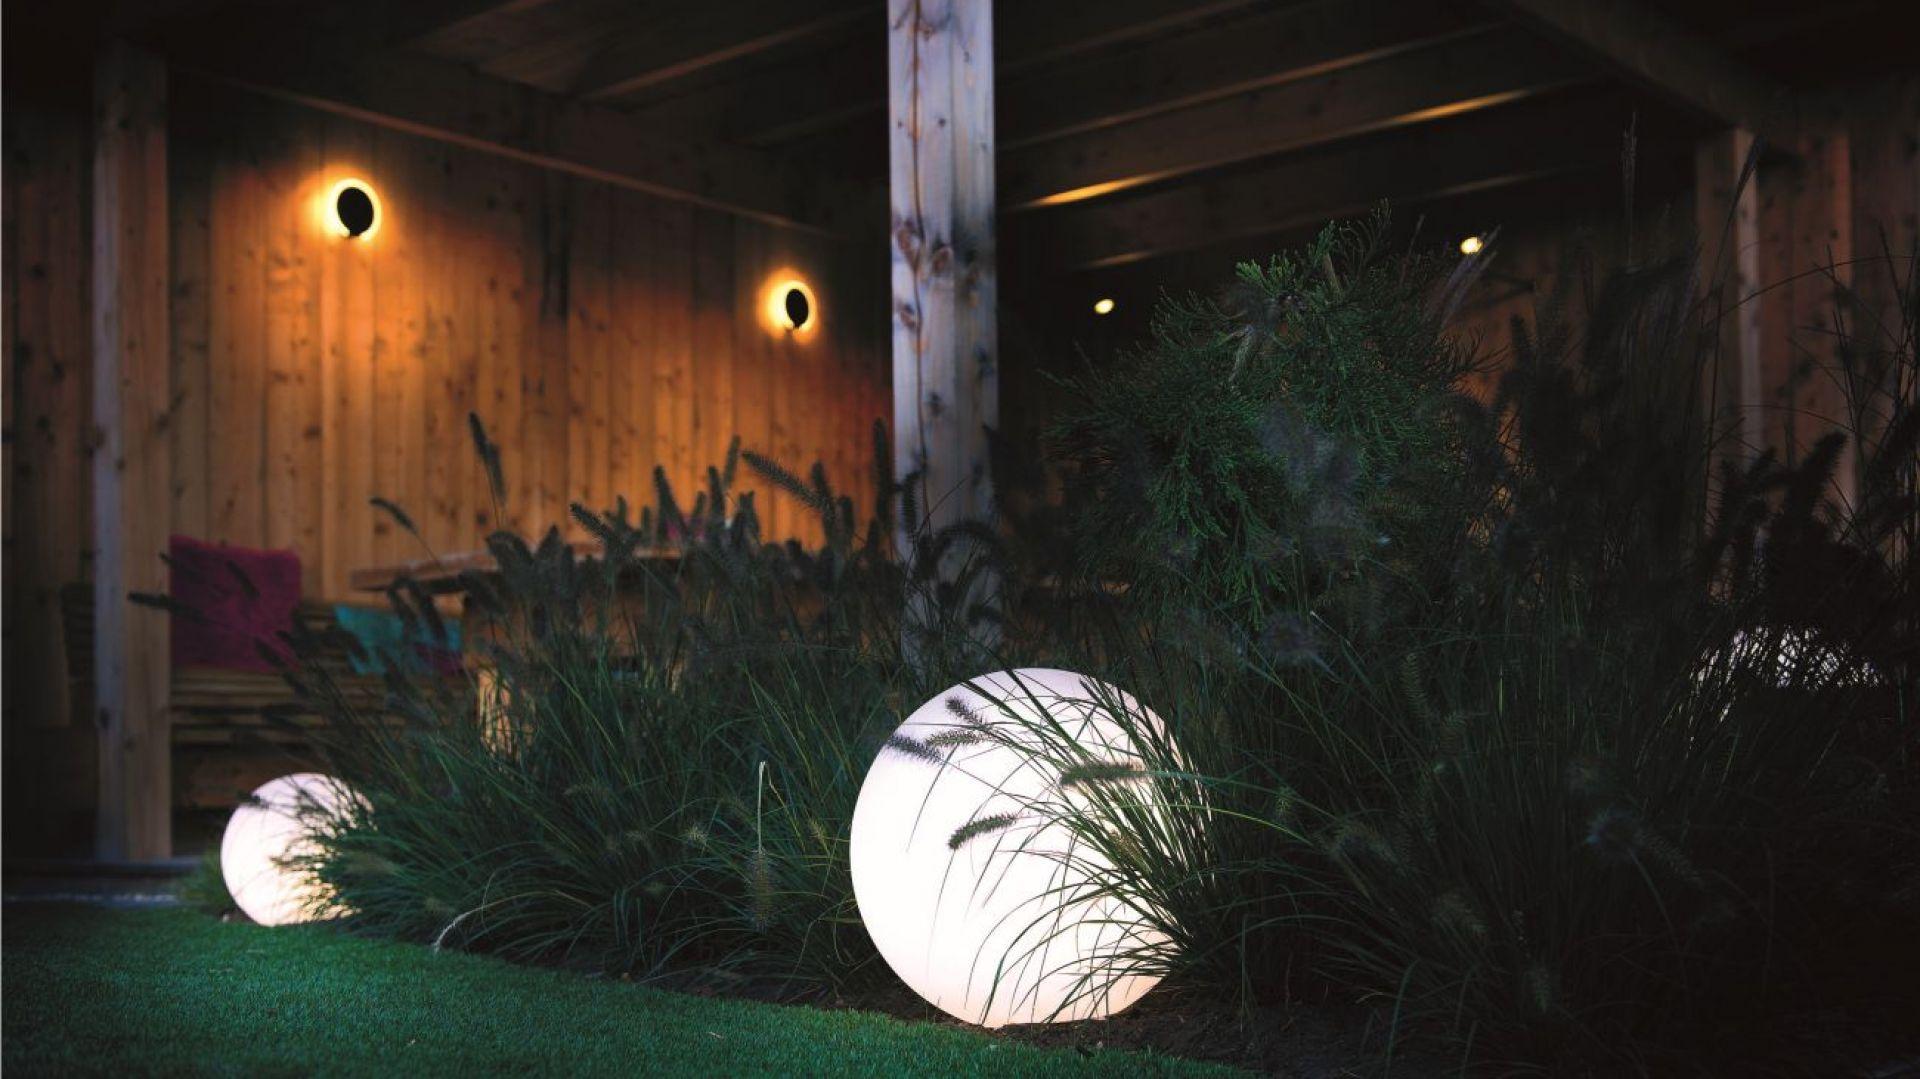 Oświetlenie ogrodowe - zasady aranżacji. Fot. Libet